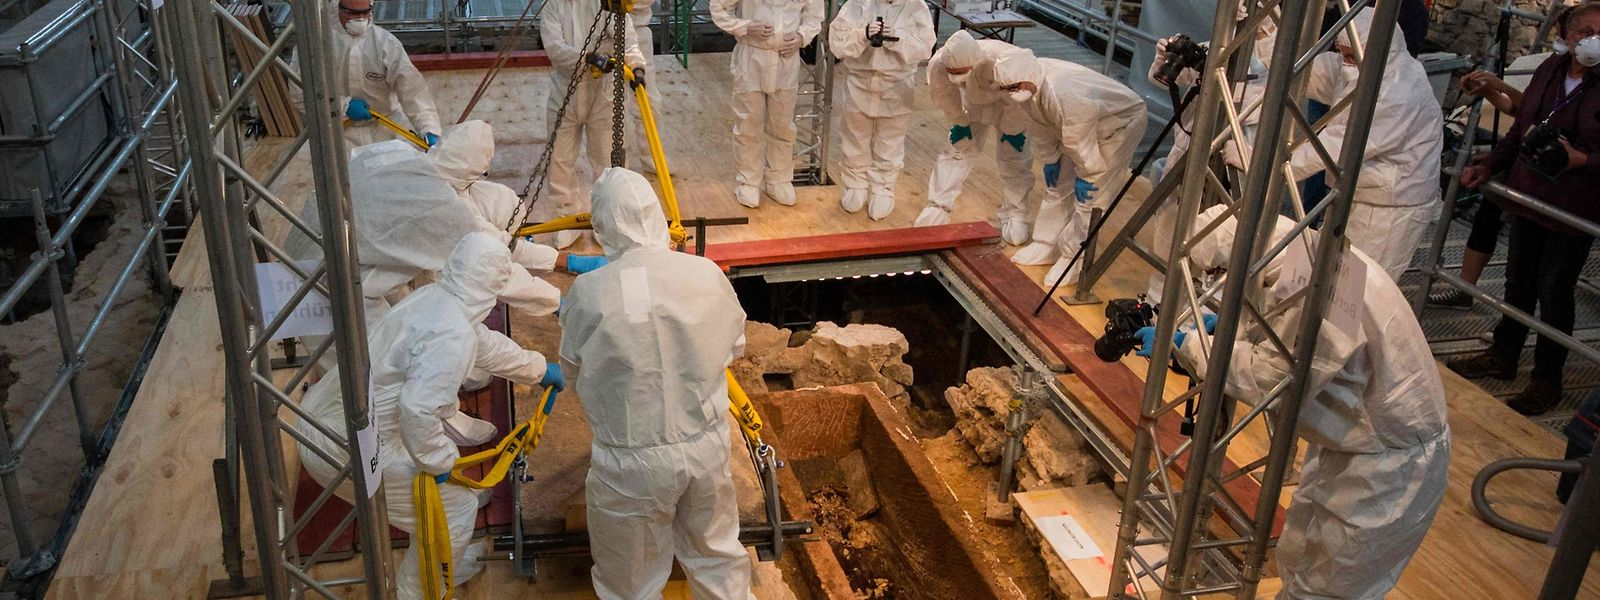 Ein internationales Forschungsteam ist in Mainz um die Grabstätte versammelt.